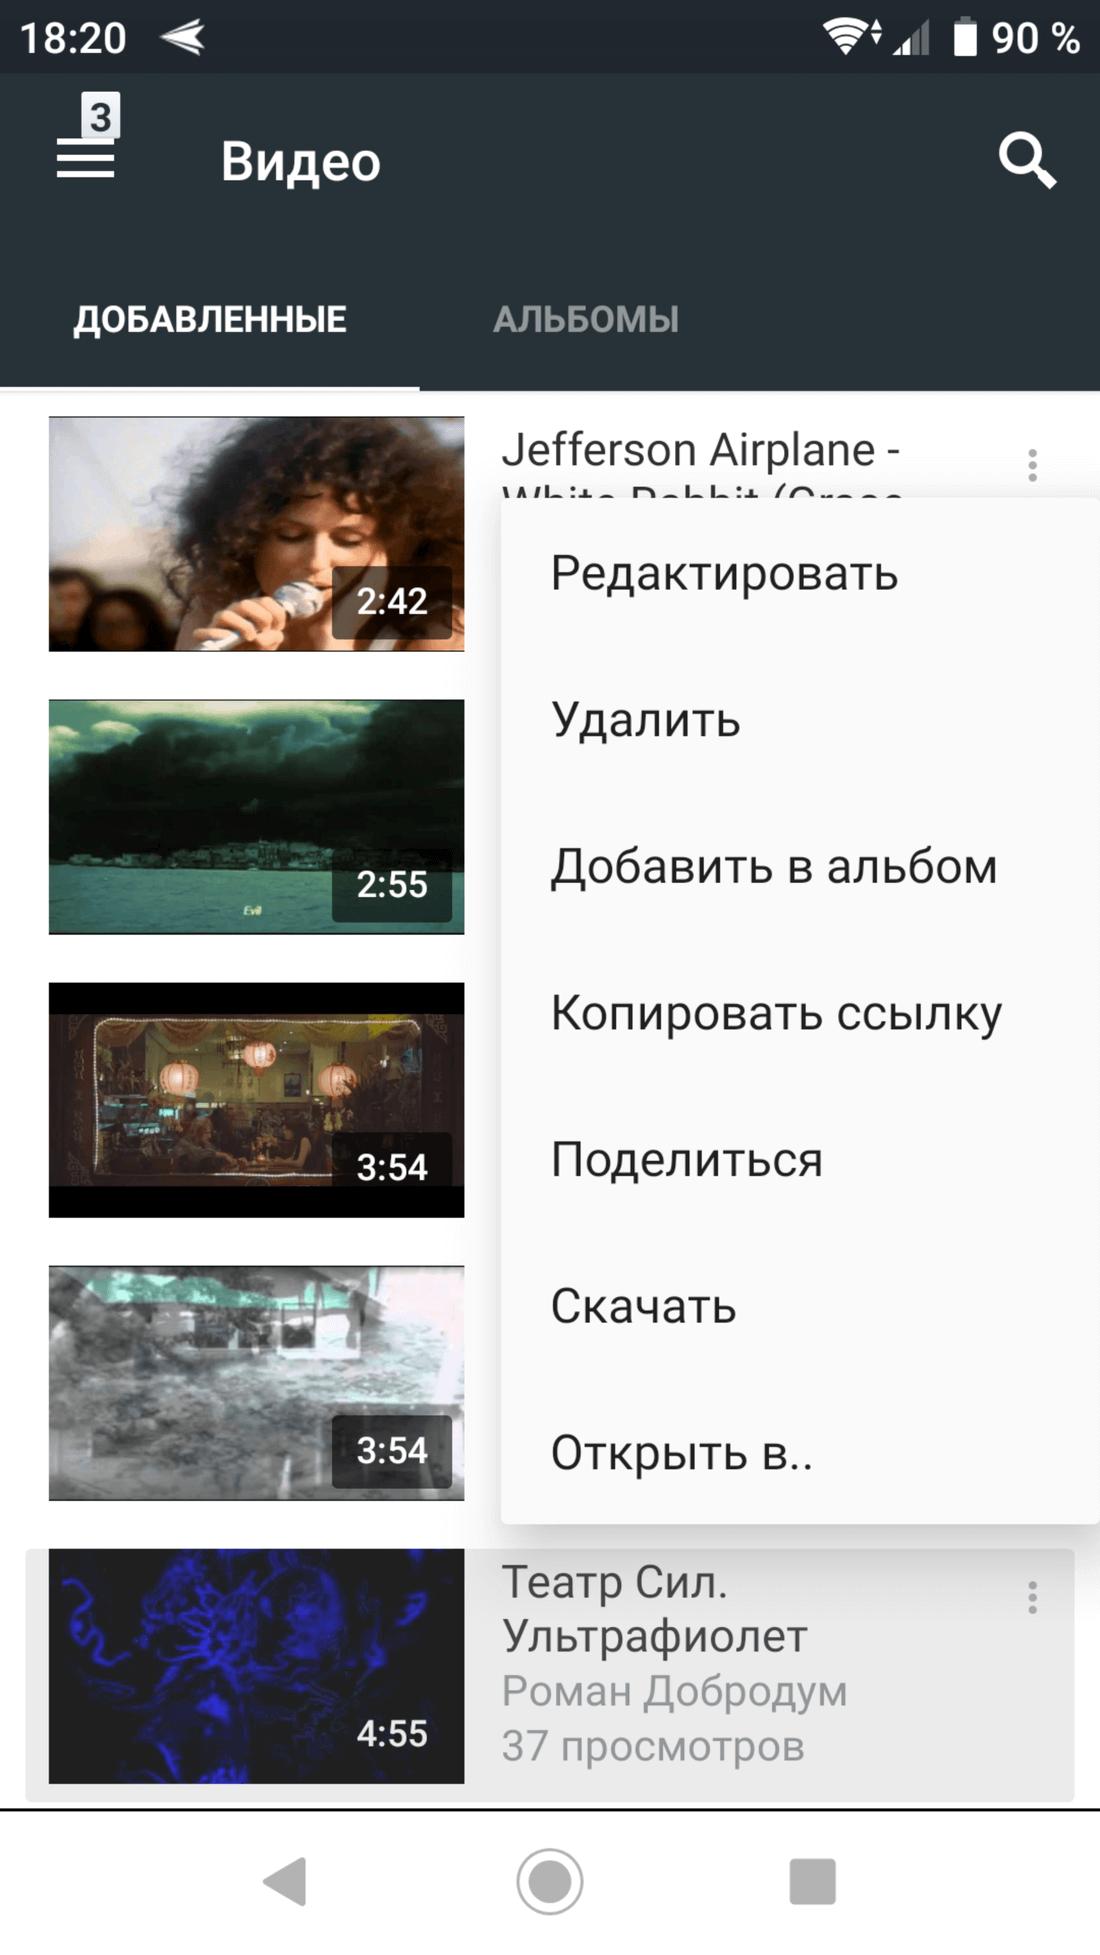 Скриншoт #5 из прoгрaммы VK MP3 MOD